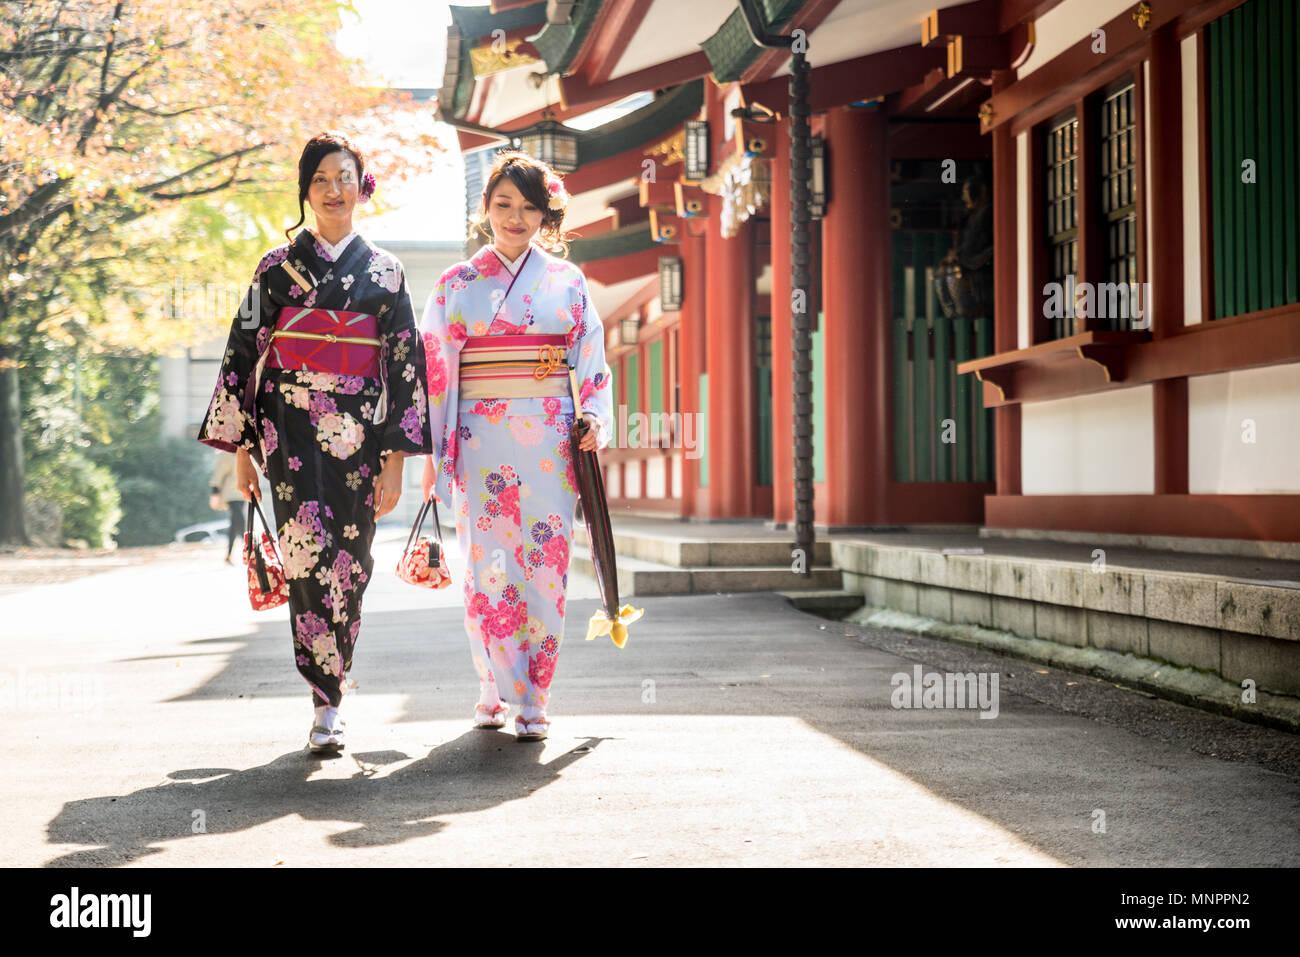 Dos chicas guapas con vestidos tradicionales paseos al aire libre Imagen De Stock